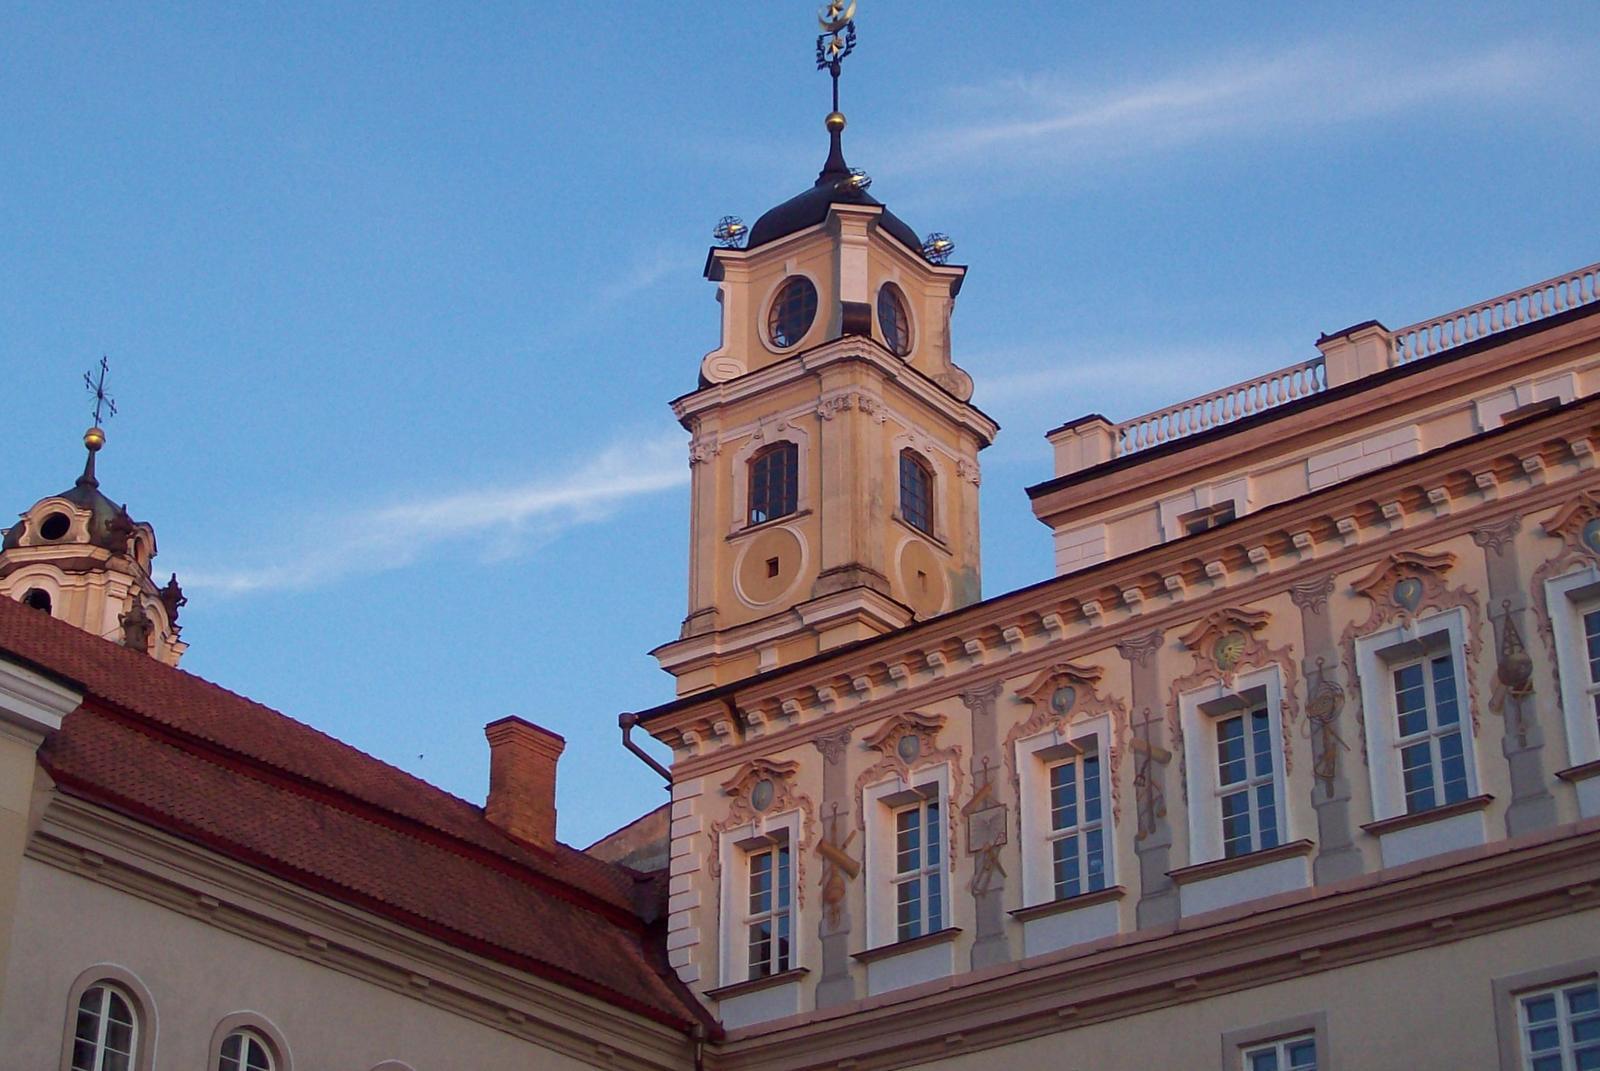 Universität von Vilnius - Litauen